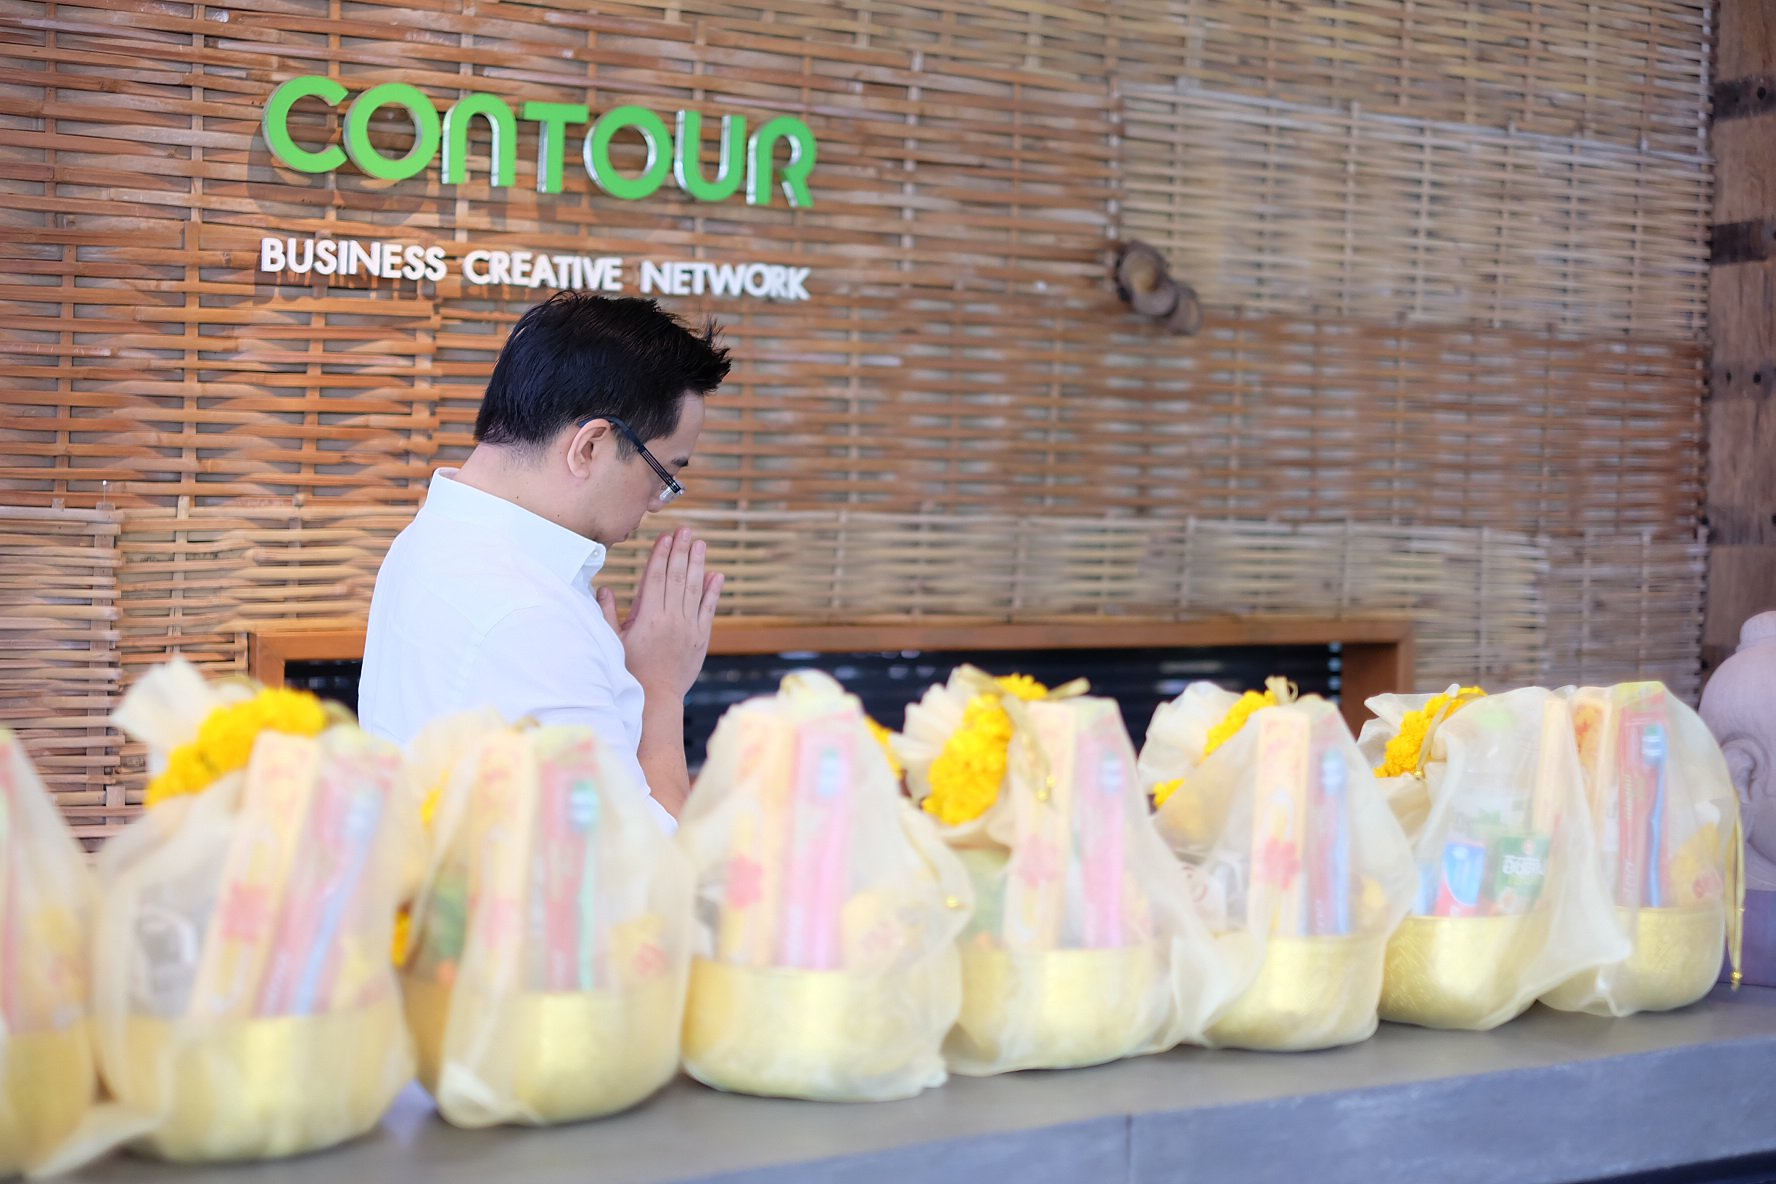 บริษัท Contour จัดงานทำบุญประจำปี